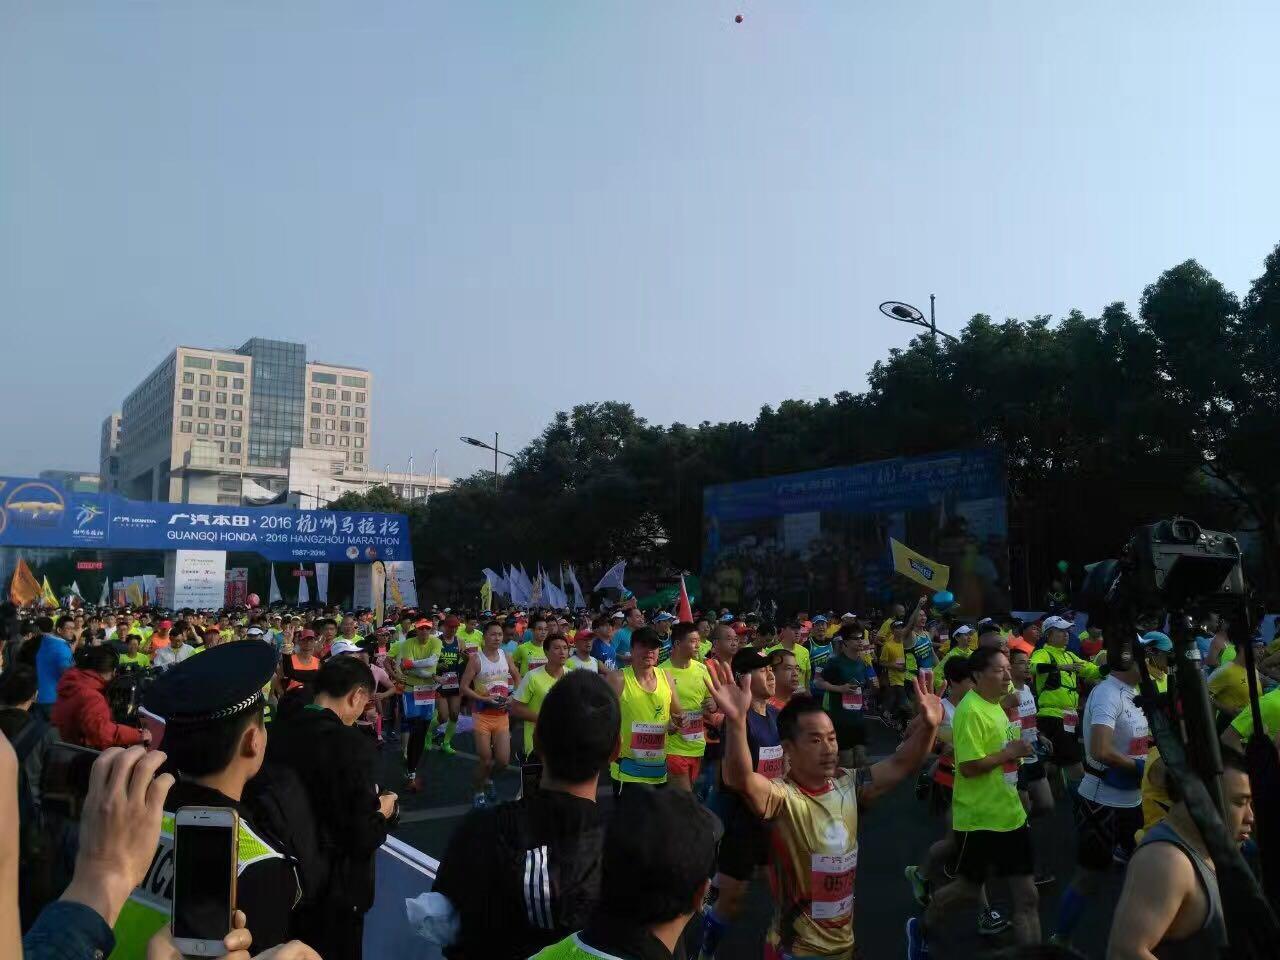 【马拉松】2016杭州国际马拉松鸣枪开跑